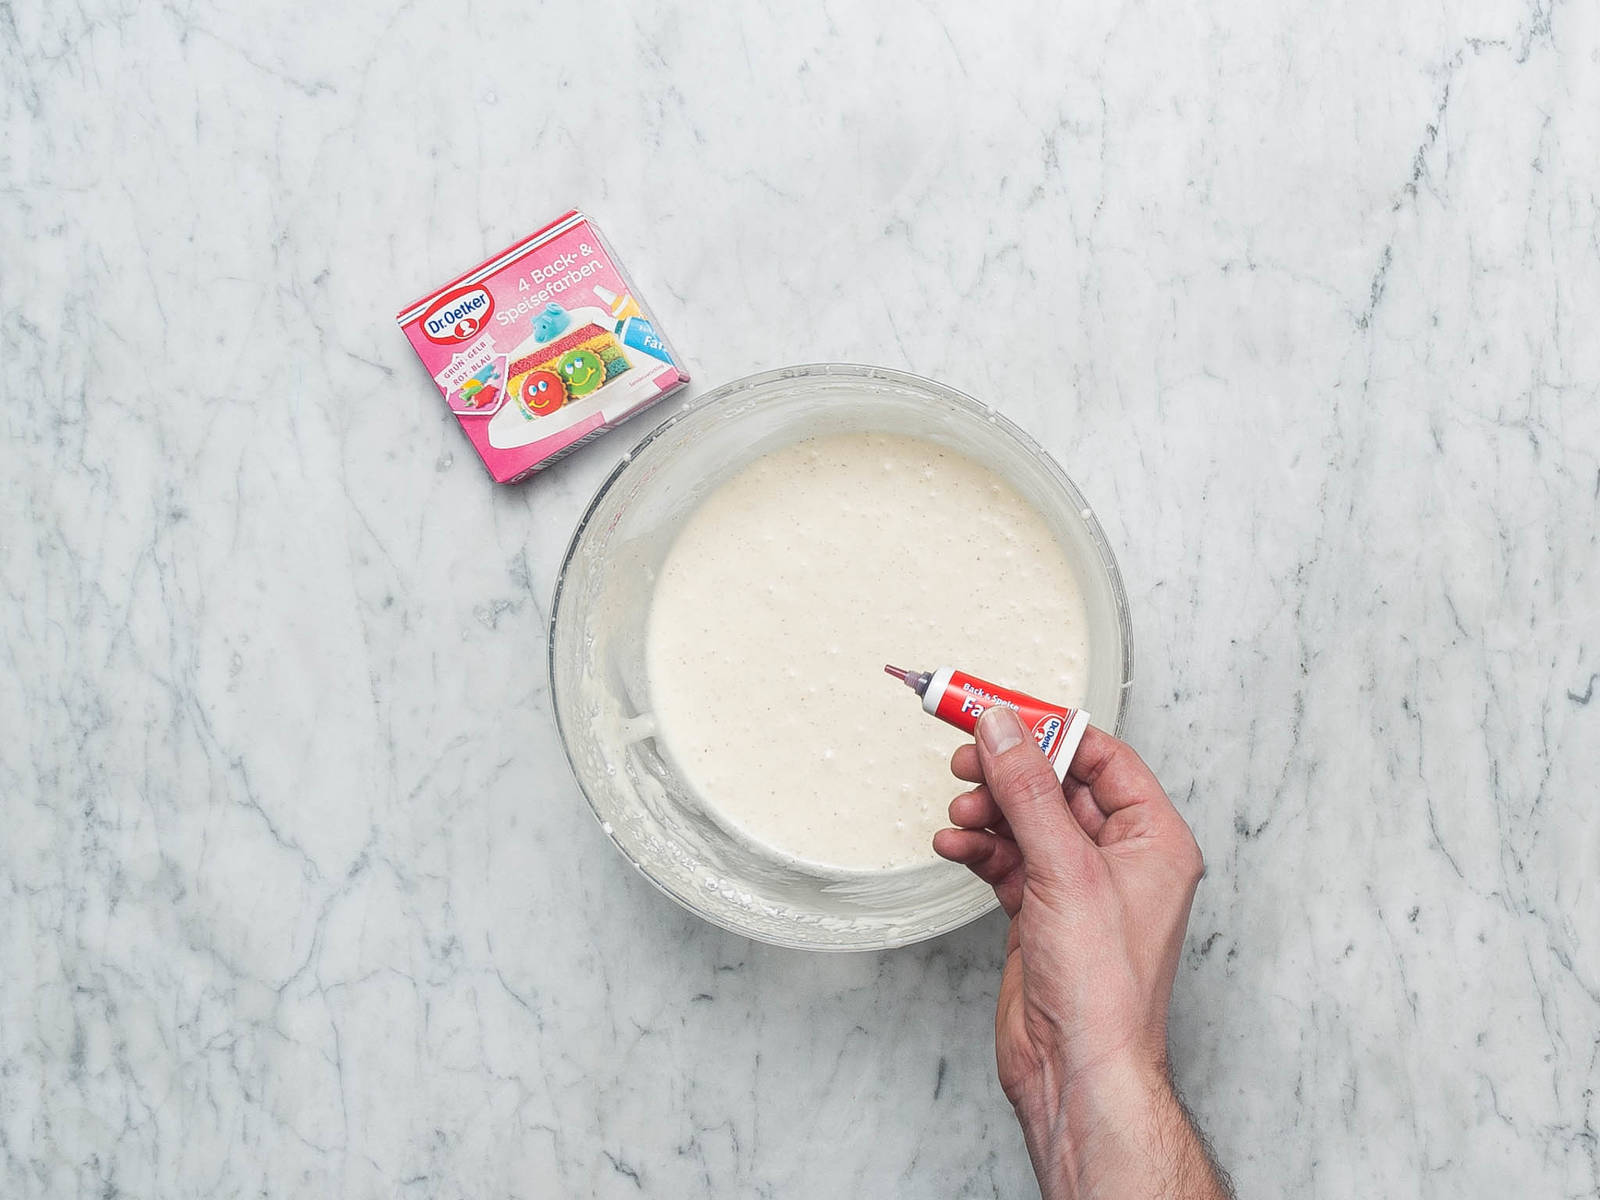 与此同时,制作糖霜:将法式酸奶油、糖和香草糖放到一个中号搅拌碗中。搅打至完全混合,并稍微变稠。放入一或两滴食用色素,直至调出理想的粉色。搅拌均匀。